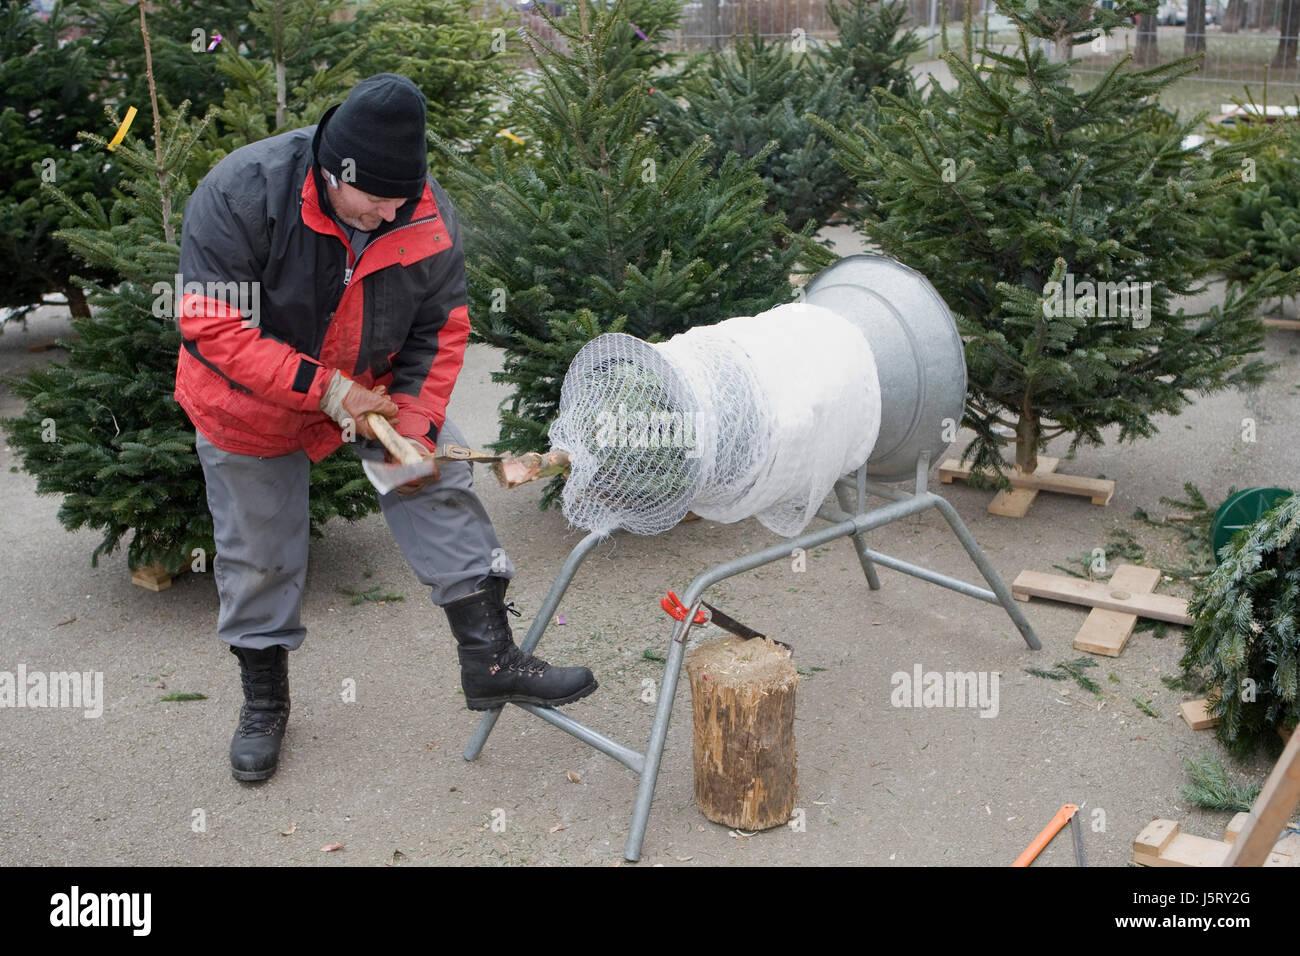 Partie célébration de Noël arbre de Noël vente conifères yule finement tissé kiosk Banque D'Images